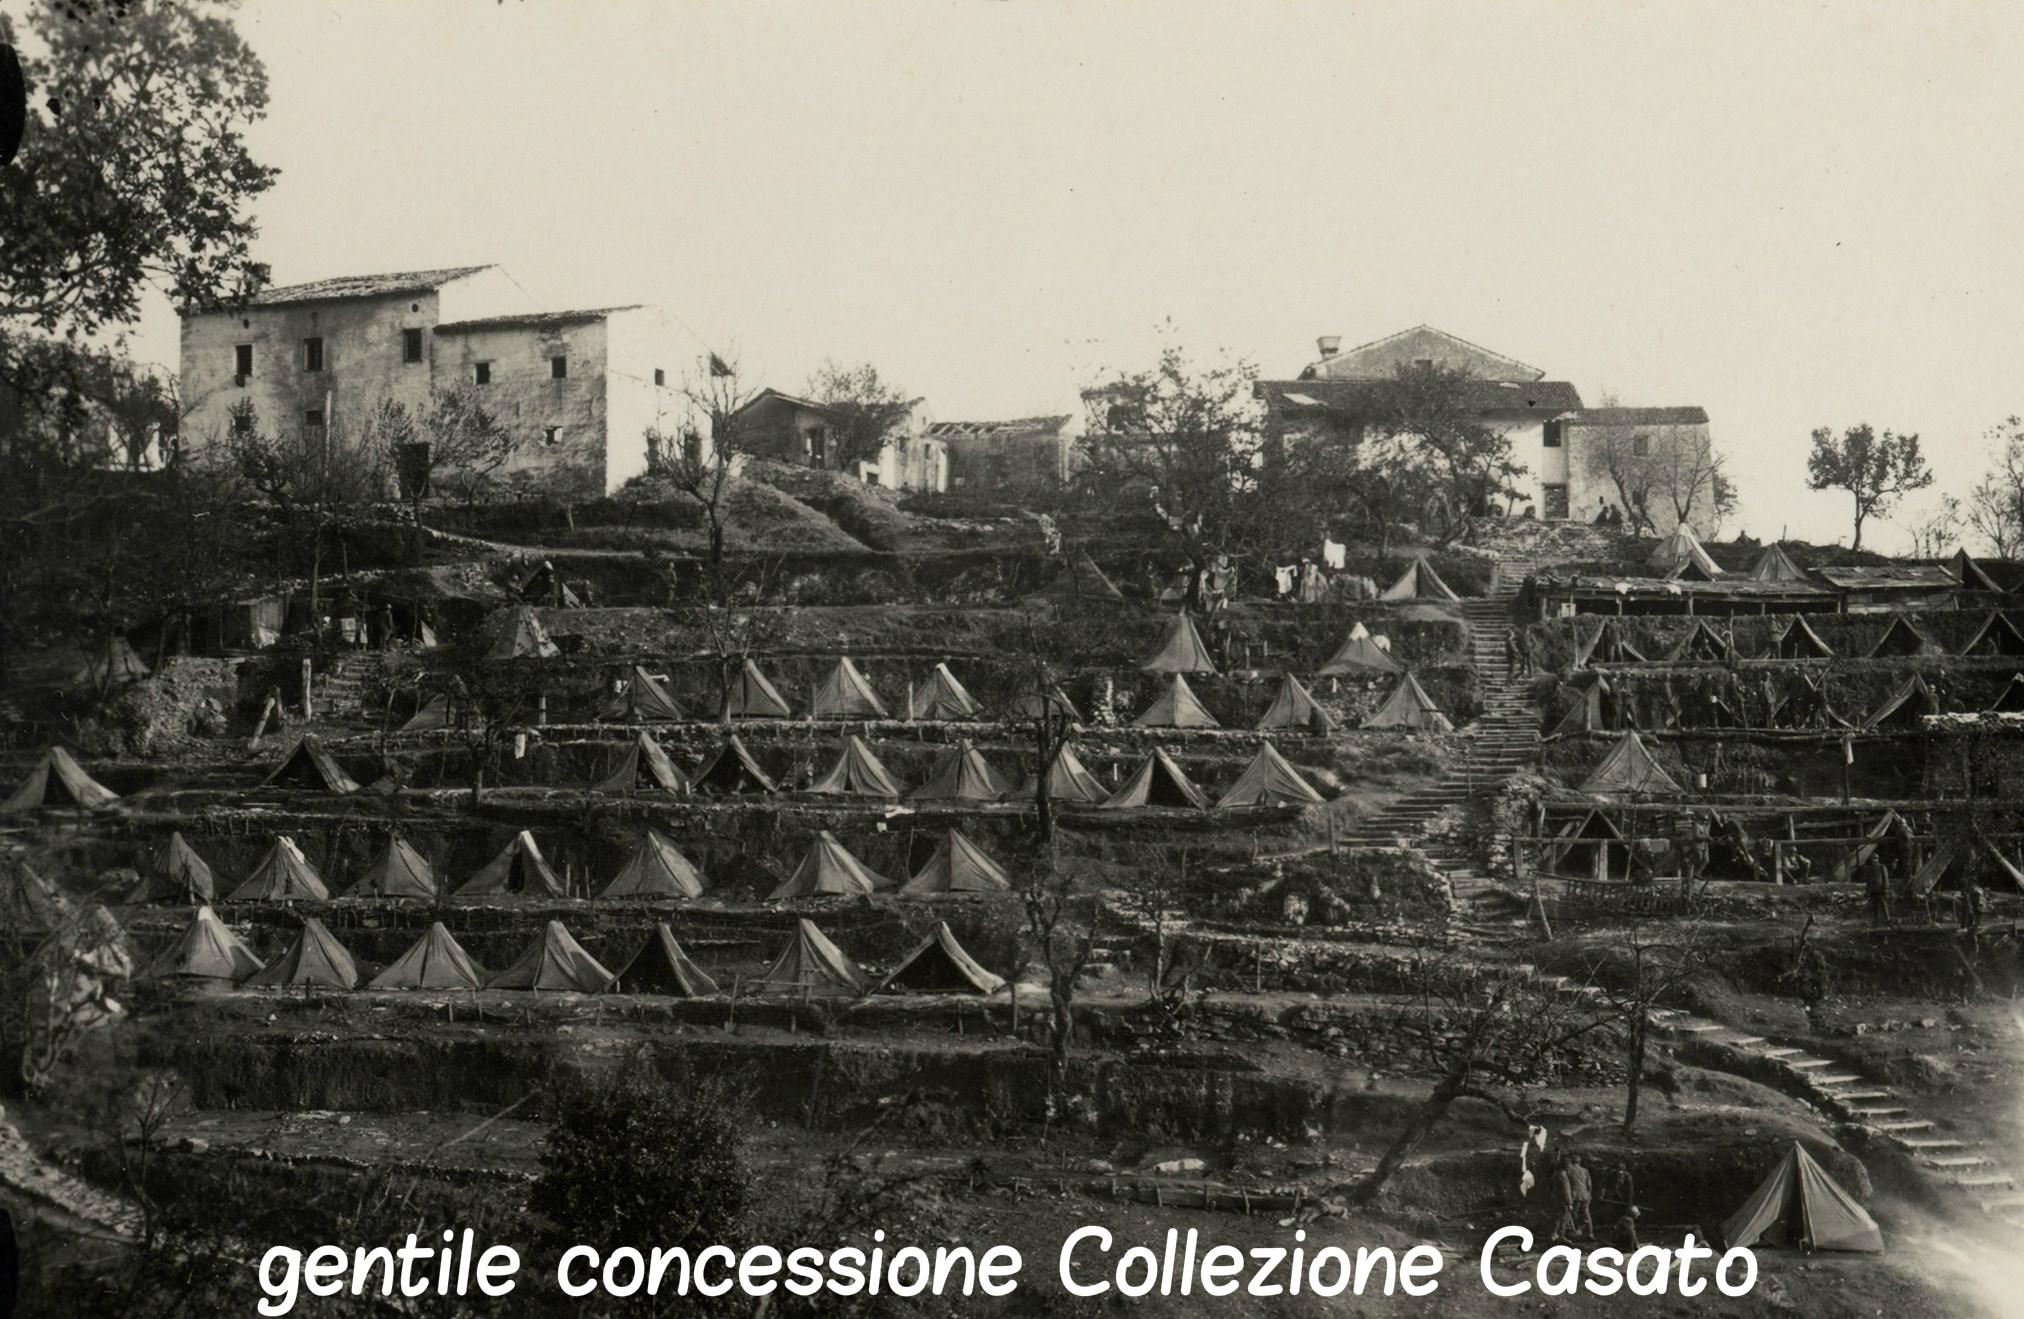 169 - attendamenti di un reparto di fanteria al riiparo di una collina - Copia.jpg